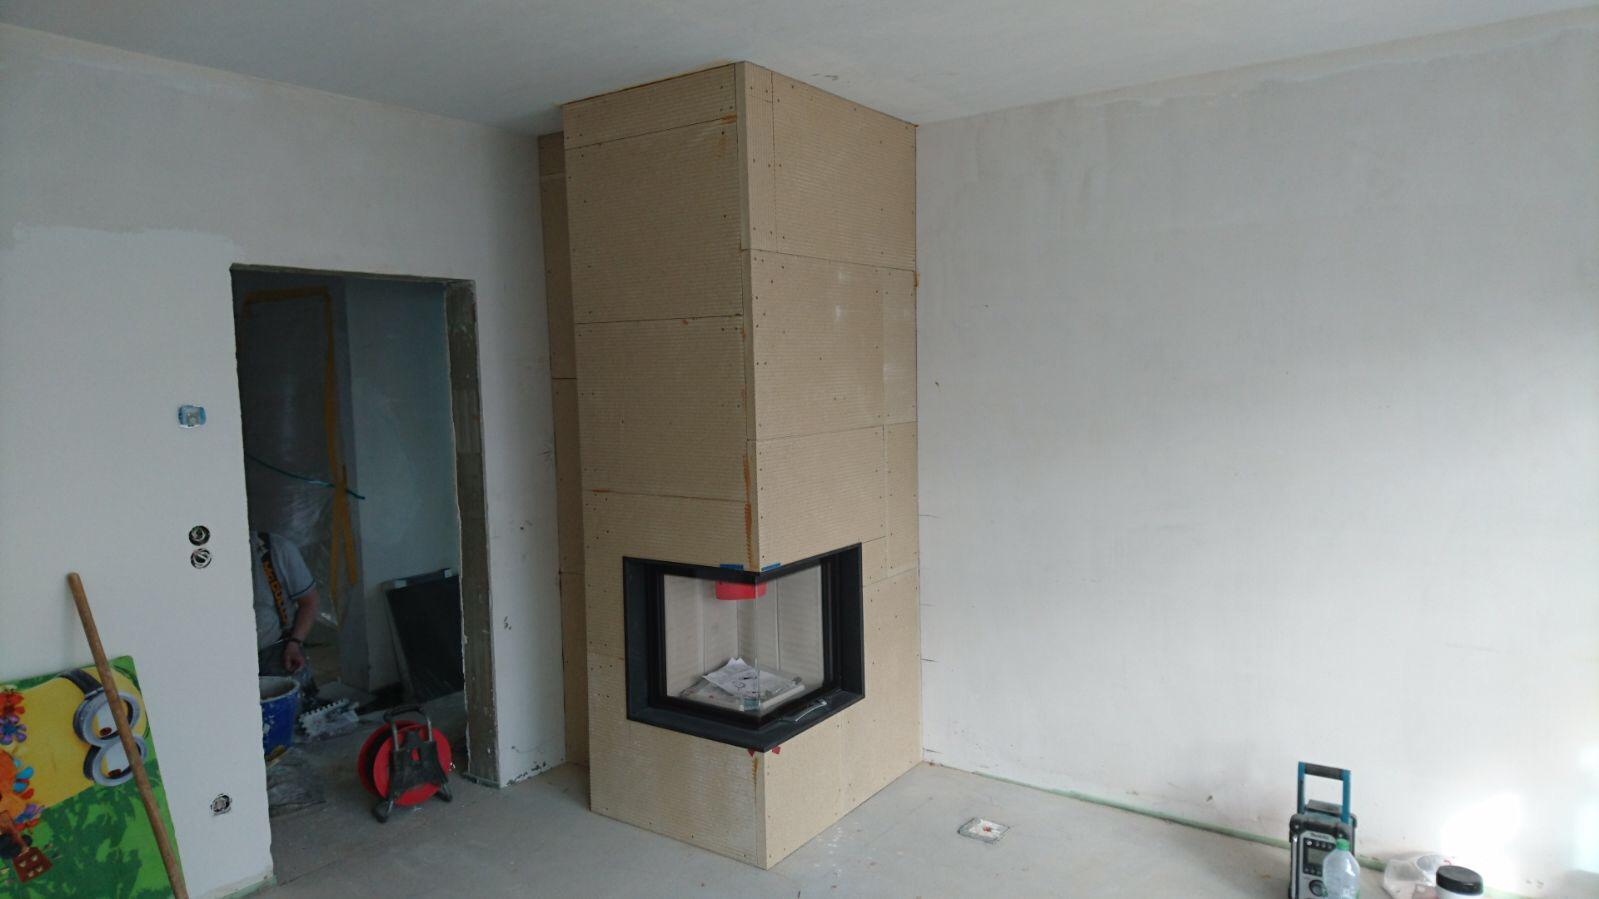 Kamine Dresden esycor gmbh fachhandel und handwerk für kamine